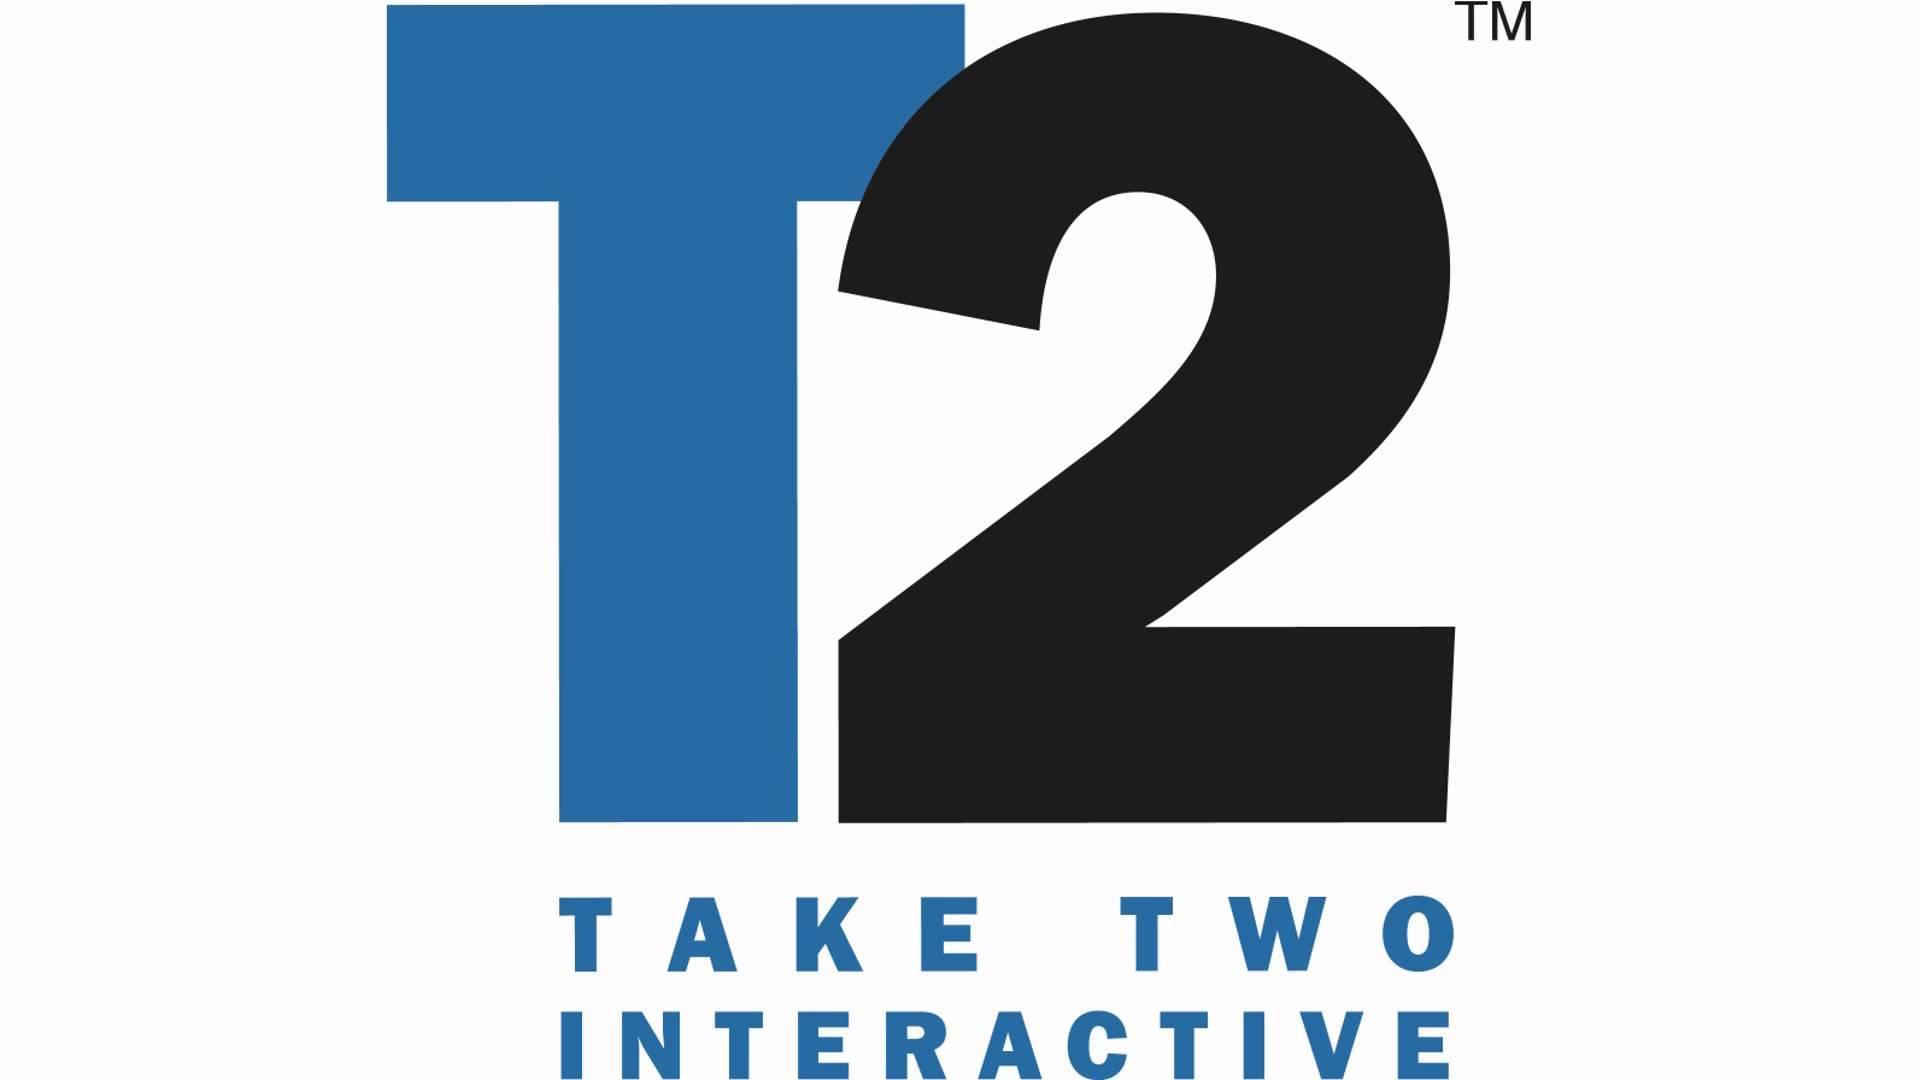 Logotipo de Take-Two